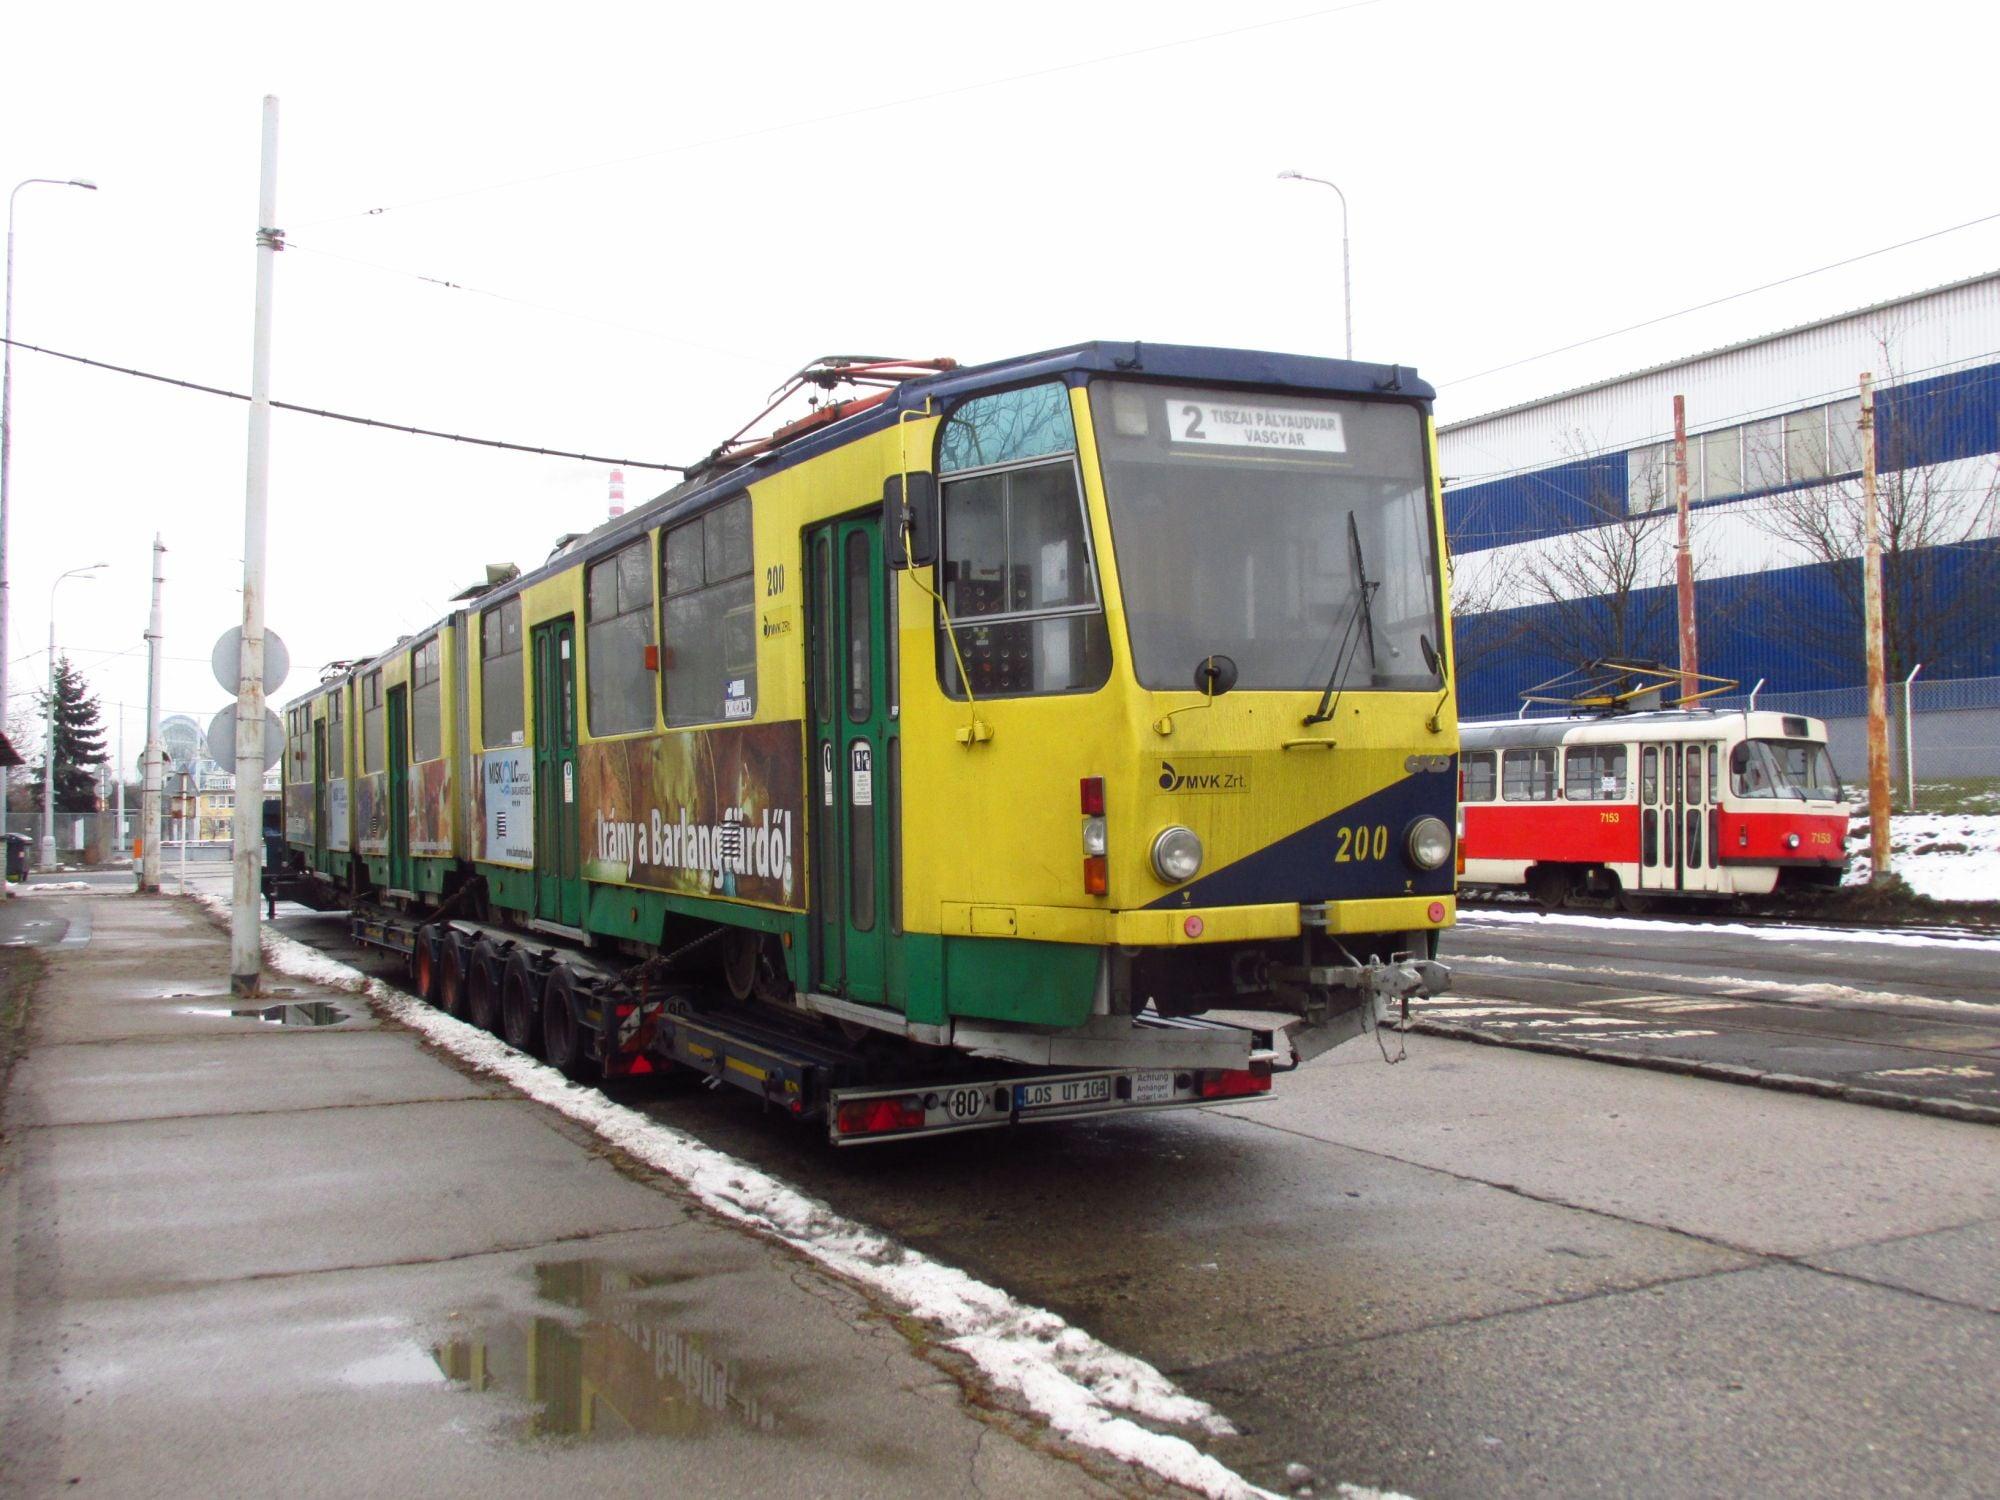 Na nádvoří pražských ústředních dílen je zachycen vůz KT8D5 ev. č. 200, který byl odkoupen z Miskolce a složen dne 11. 1. 2016. (foto: ČS Dopravák)